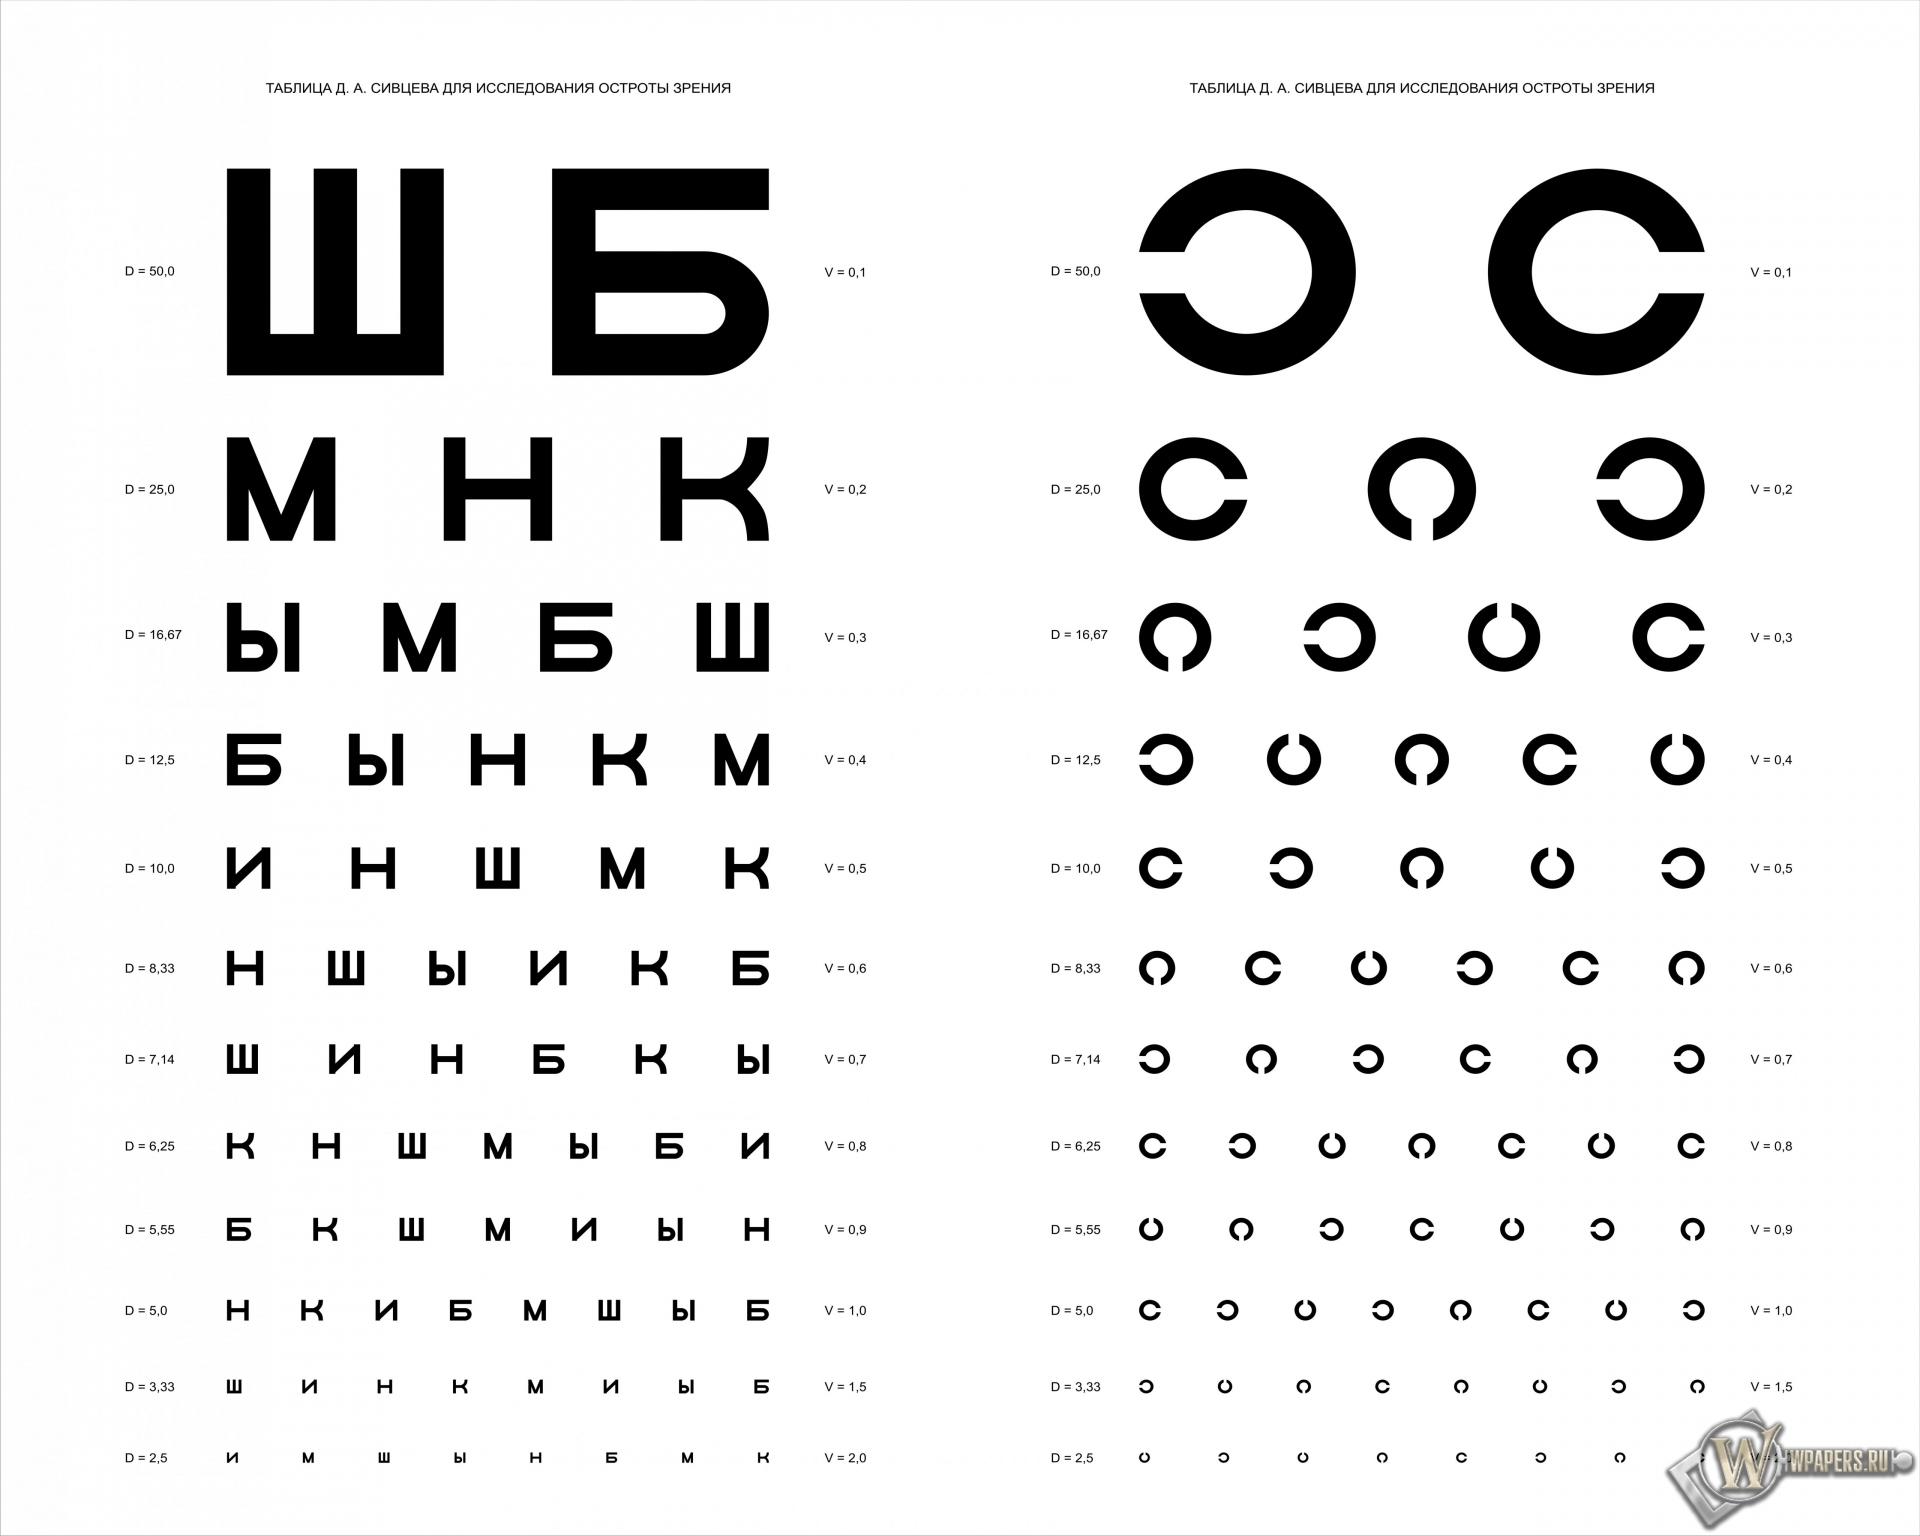 Таблица Д.А. Сивцева для проверки зрения 1920x1536